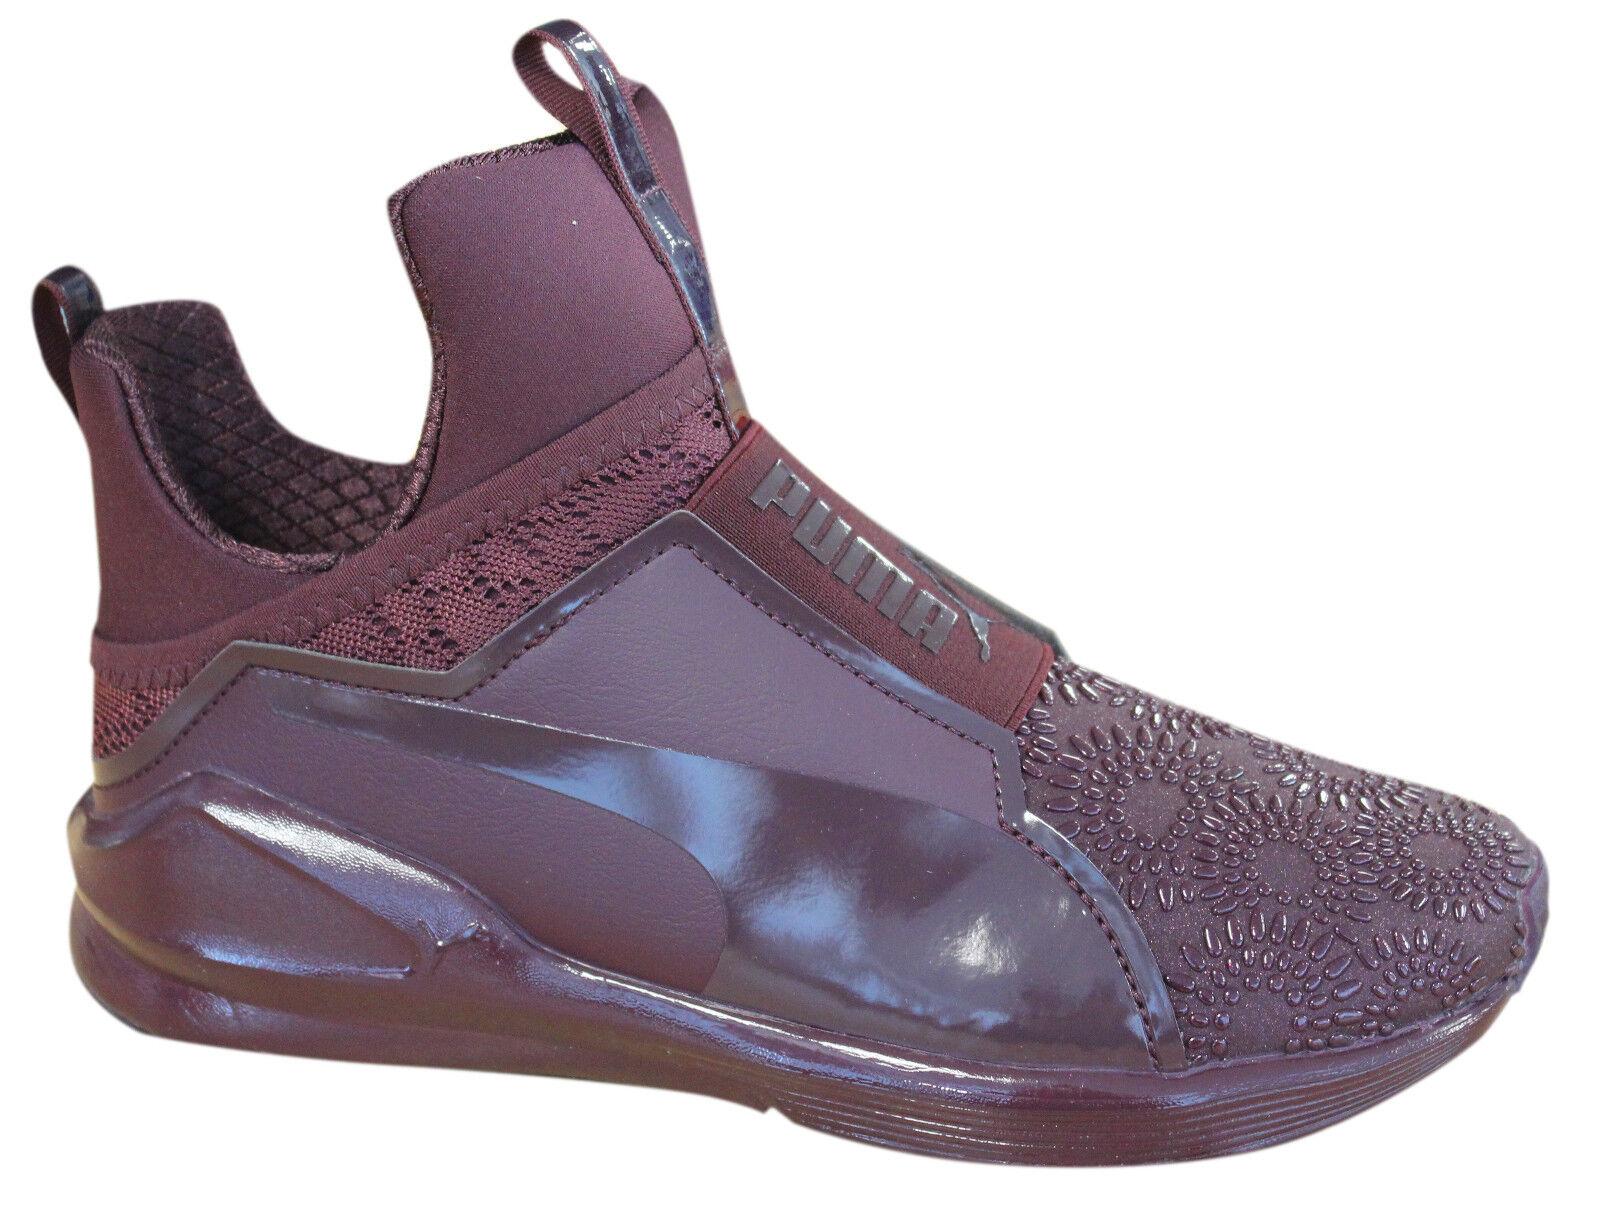 Puma Feroz Krm Krm Krm Zapatillas de Mujer sin Cordones Zapatos Baile Textil Malla  marcas de diseñadores baratos